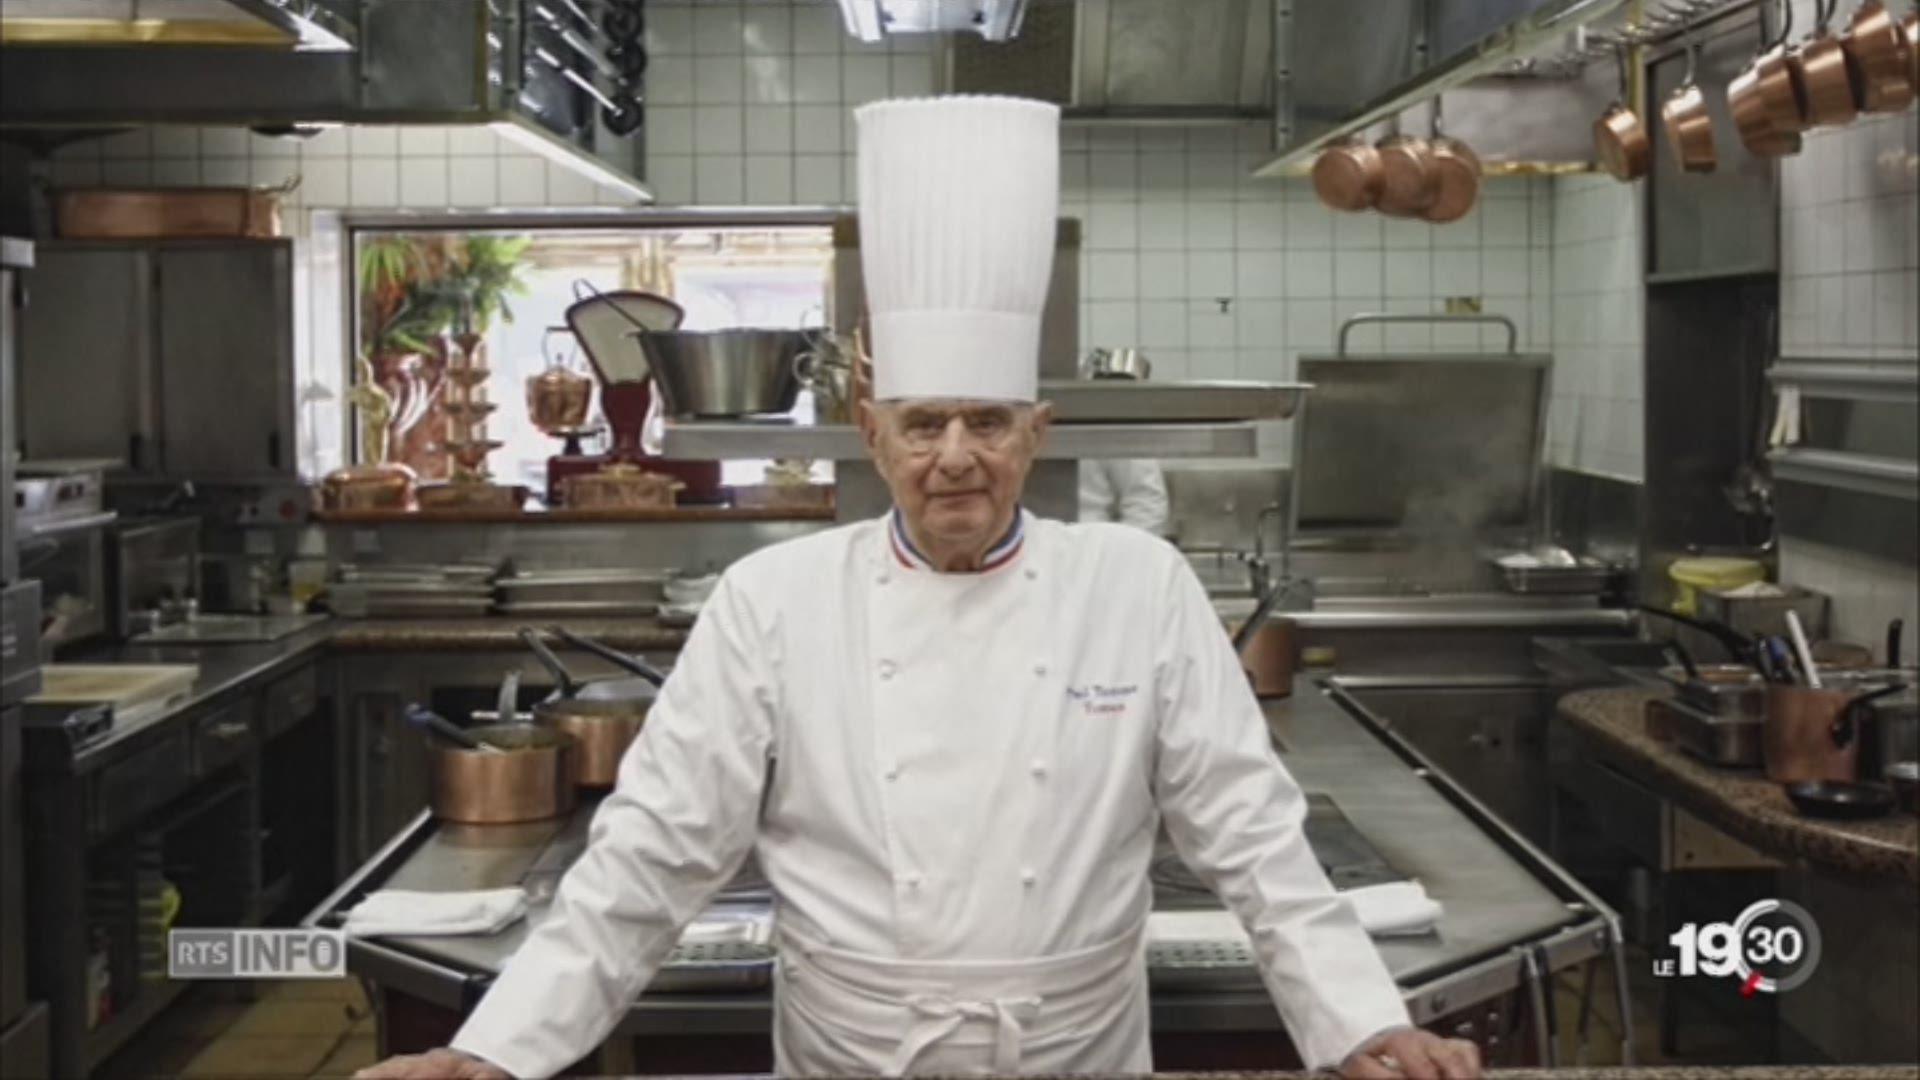 Paul bocuse c l bre chef cuisinier fran ais est d c d - Chef de cuisine definition ...